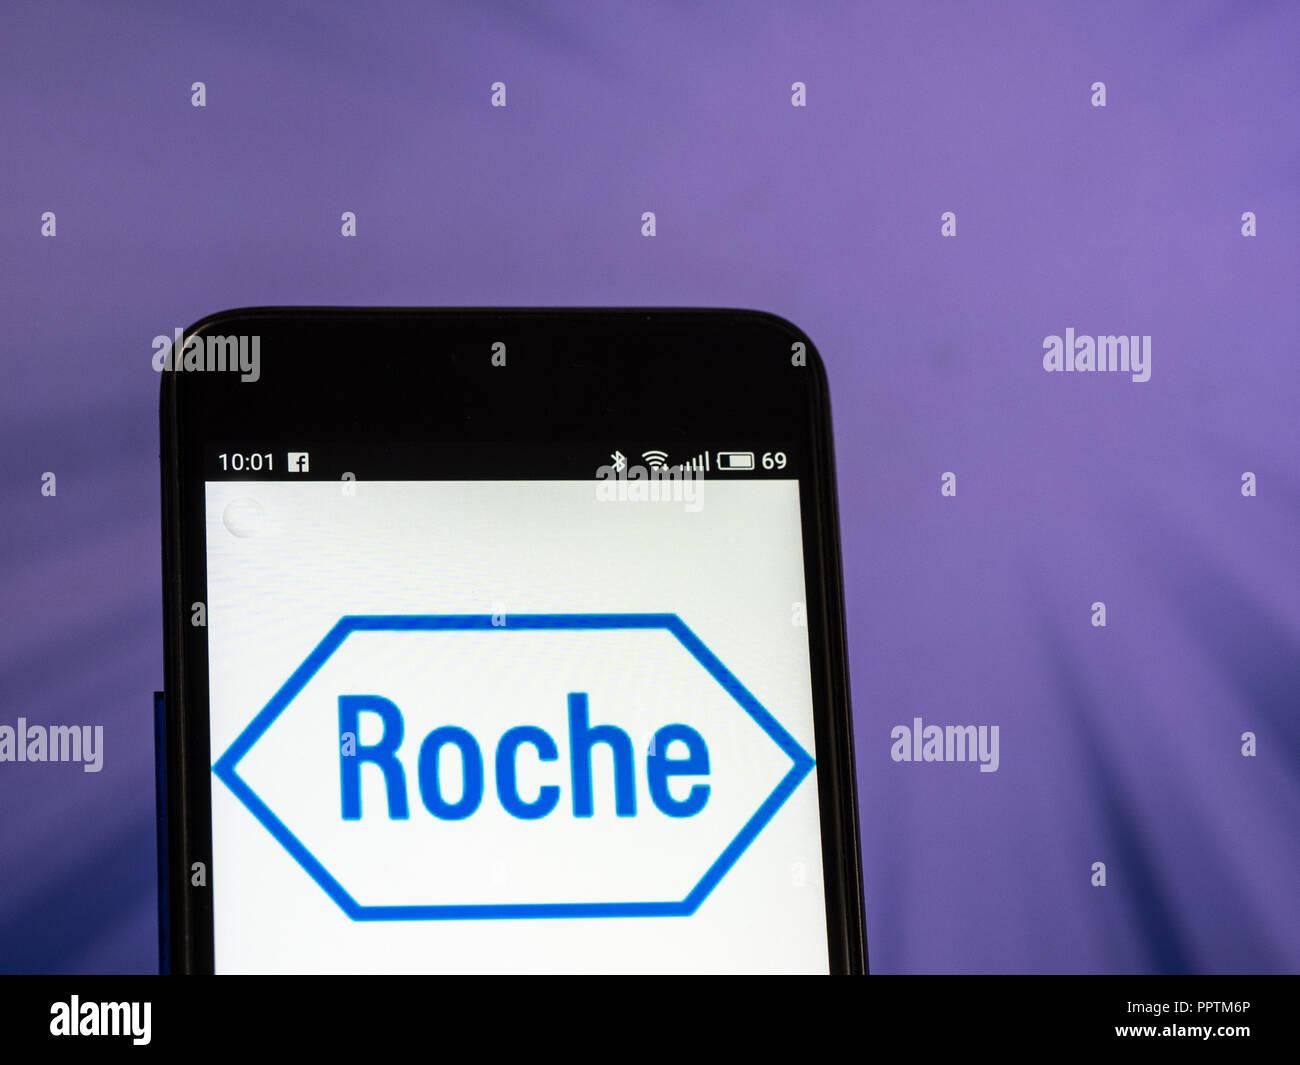 September 27, 2018 - Kiev, Ukraine - Hoffmann-La Roche logo seen